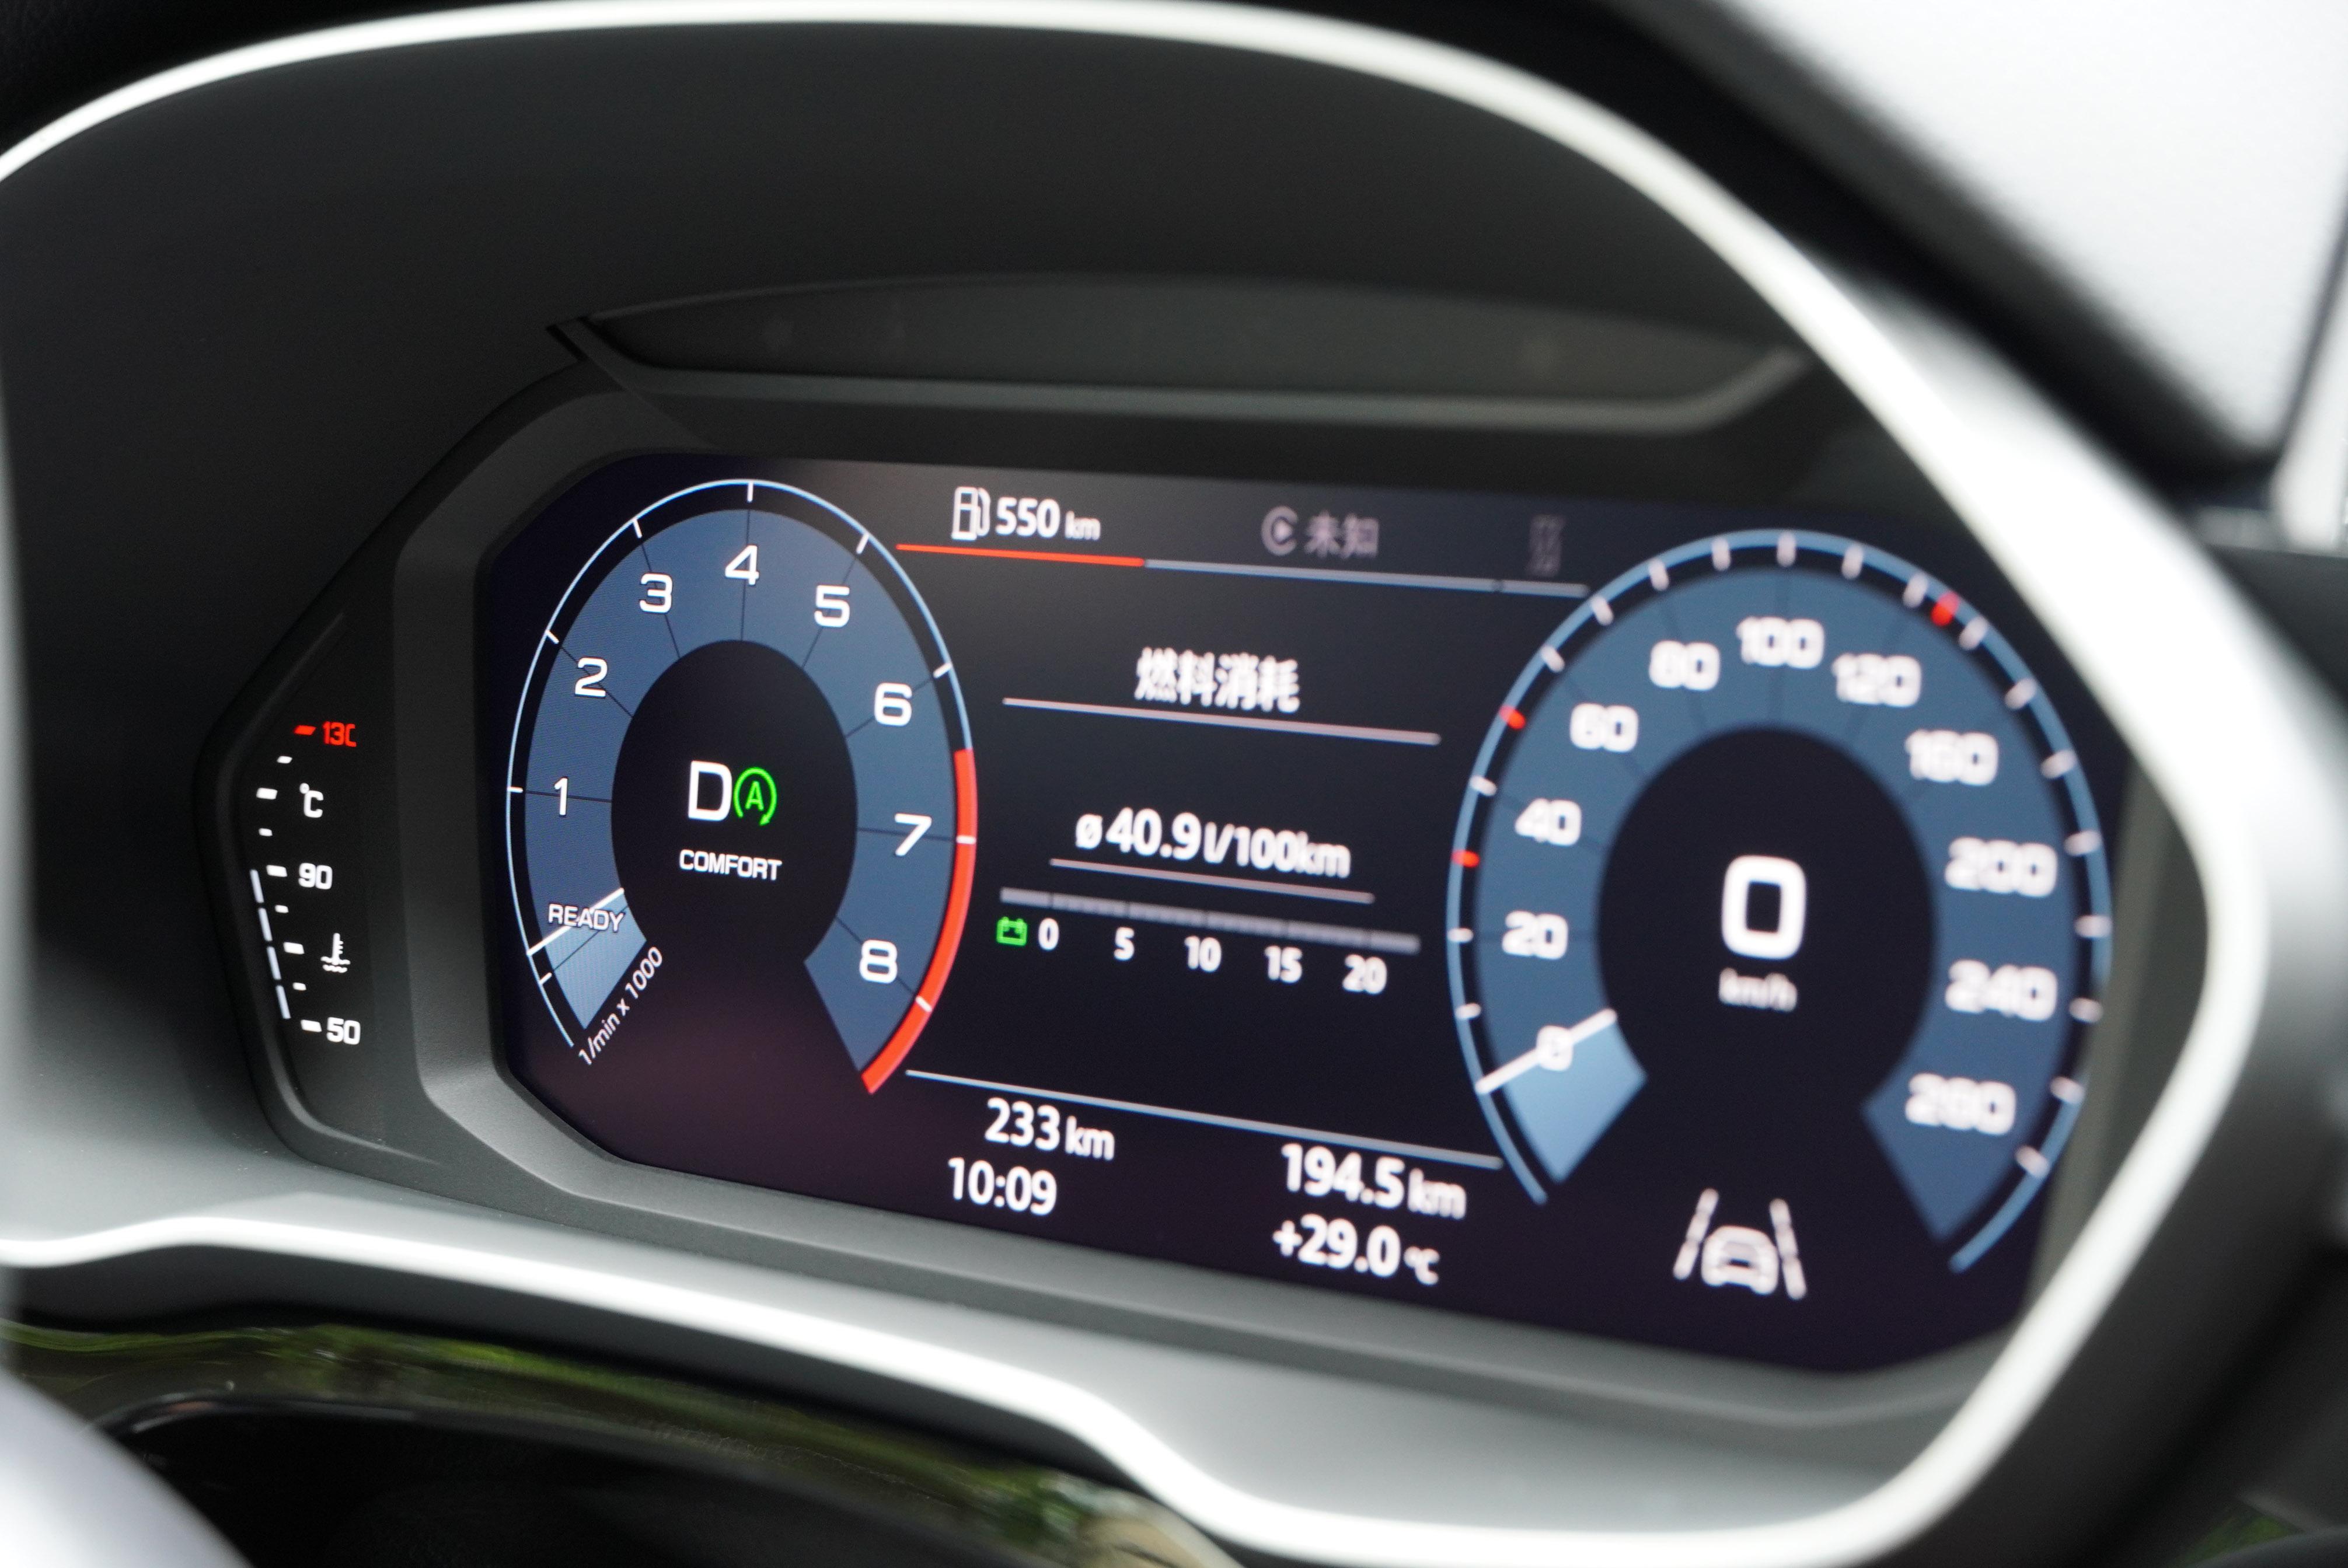 Audi 主動式汽缸管理系統(CoD)及 48V 輕型複合動力系統(MHEV)等二大先進引擎科技。